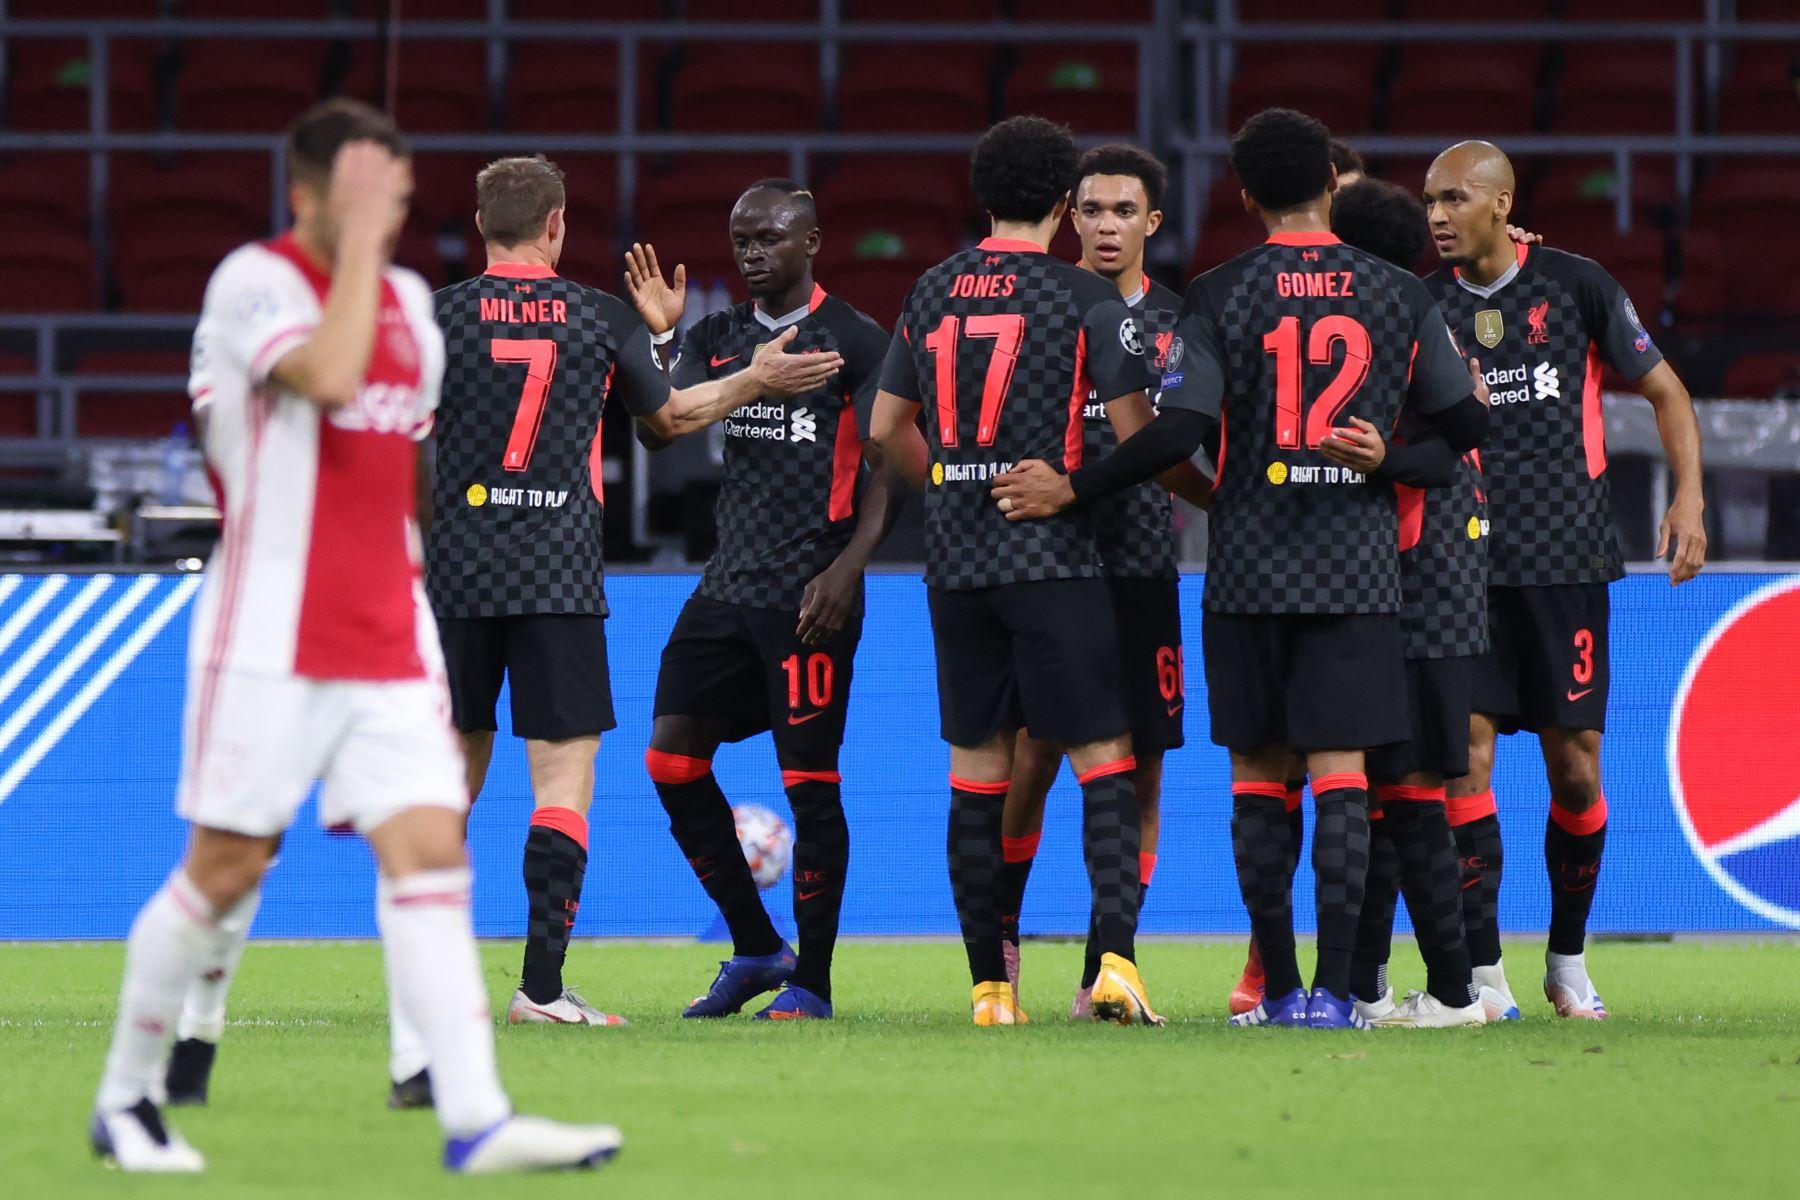 Los jugadores de Liverpool celebran después de que Ajax anotó un gol en propia meta durante el partido de fútbol de ida del Grupo D de la Liga de Campeones de la UEFA. Foto: AFP